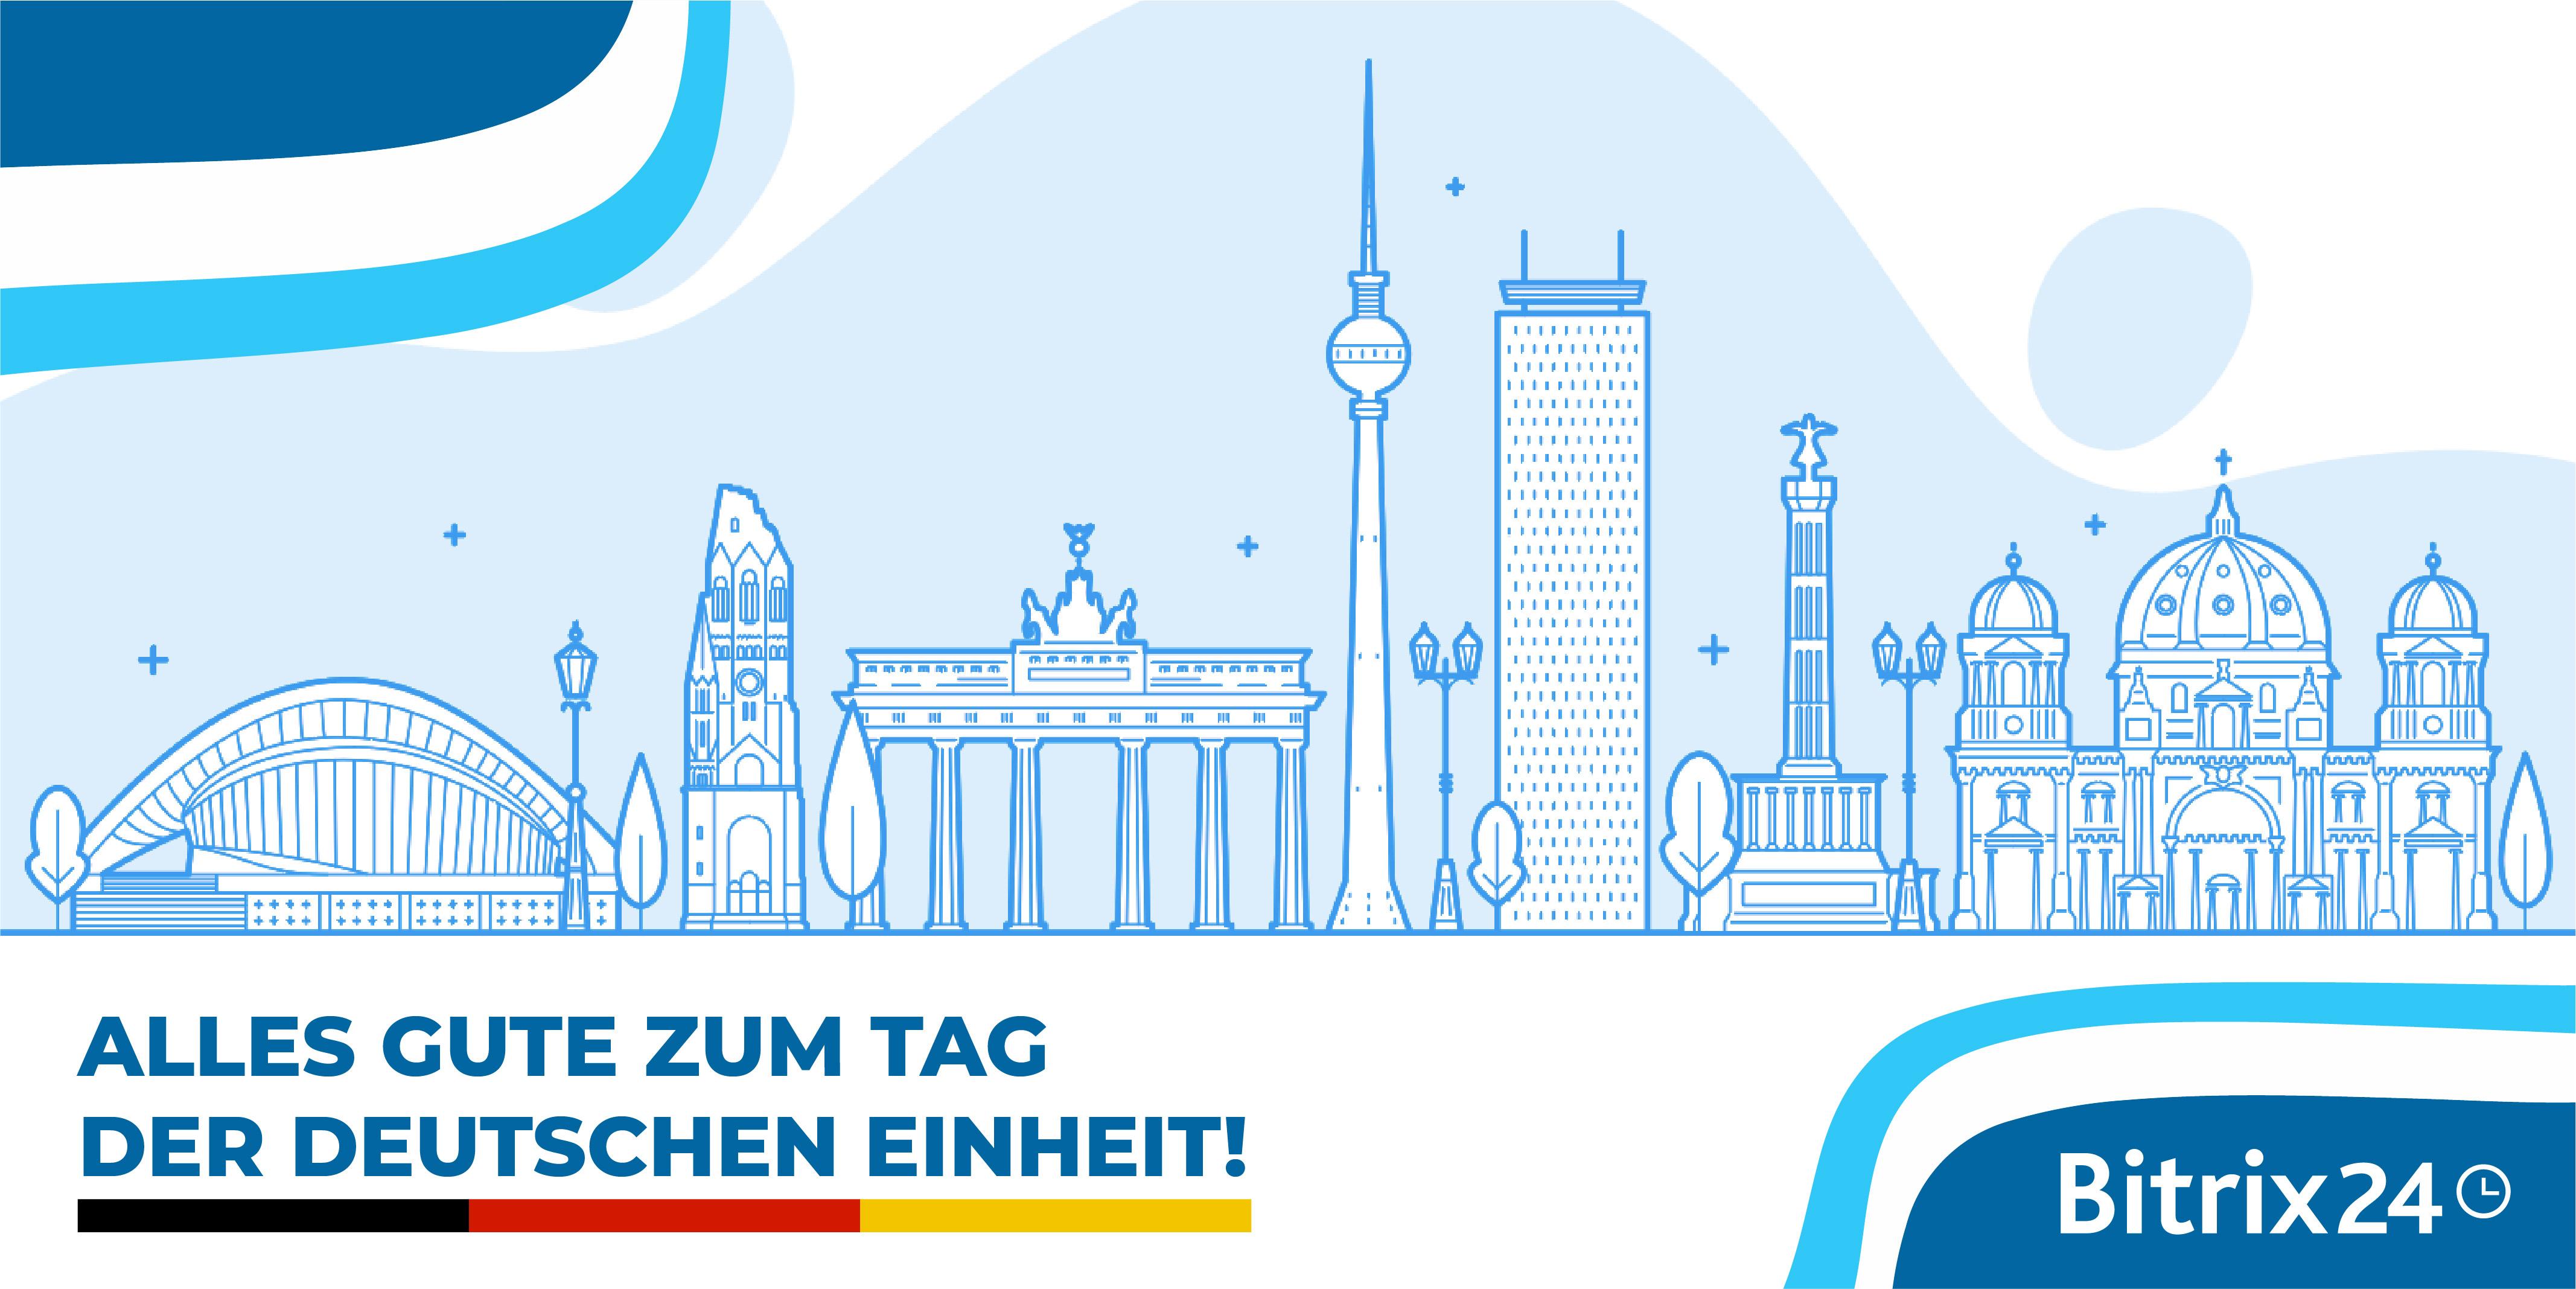 Alles Gute zum Tag der Deutschen Einheit!